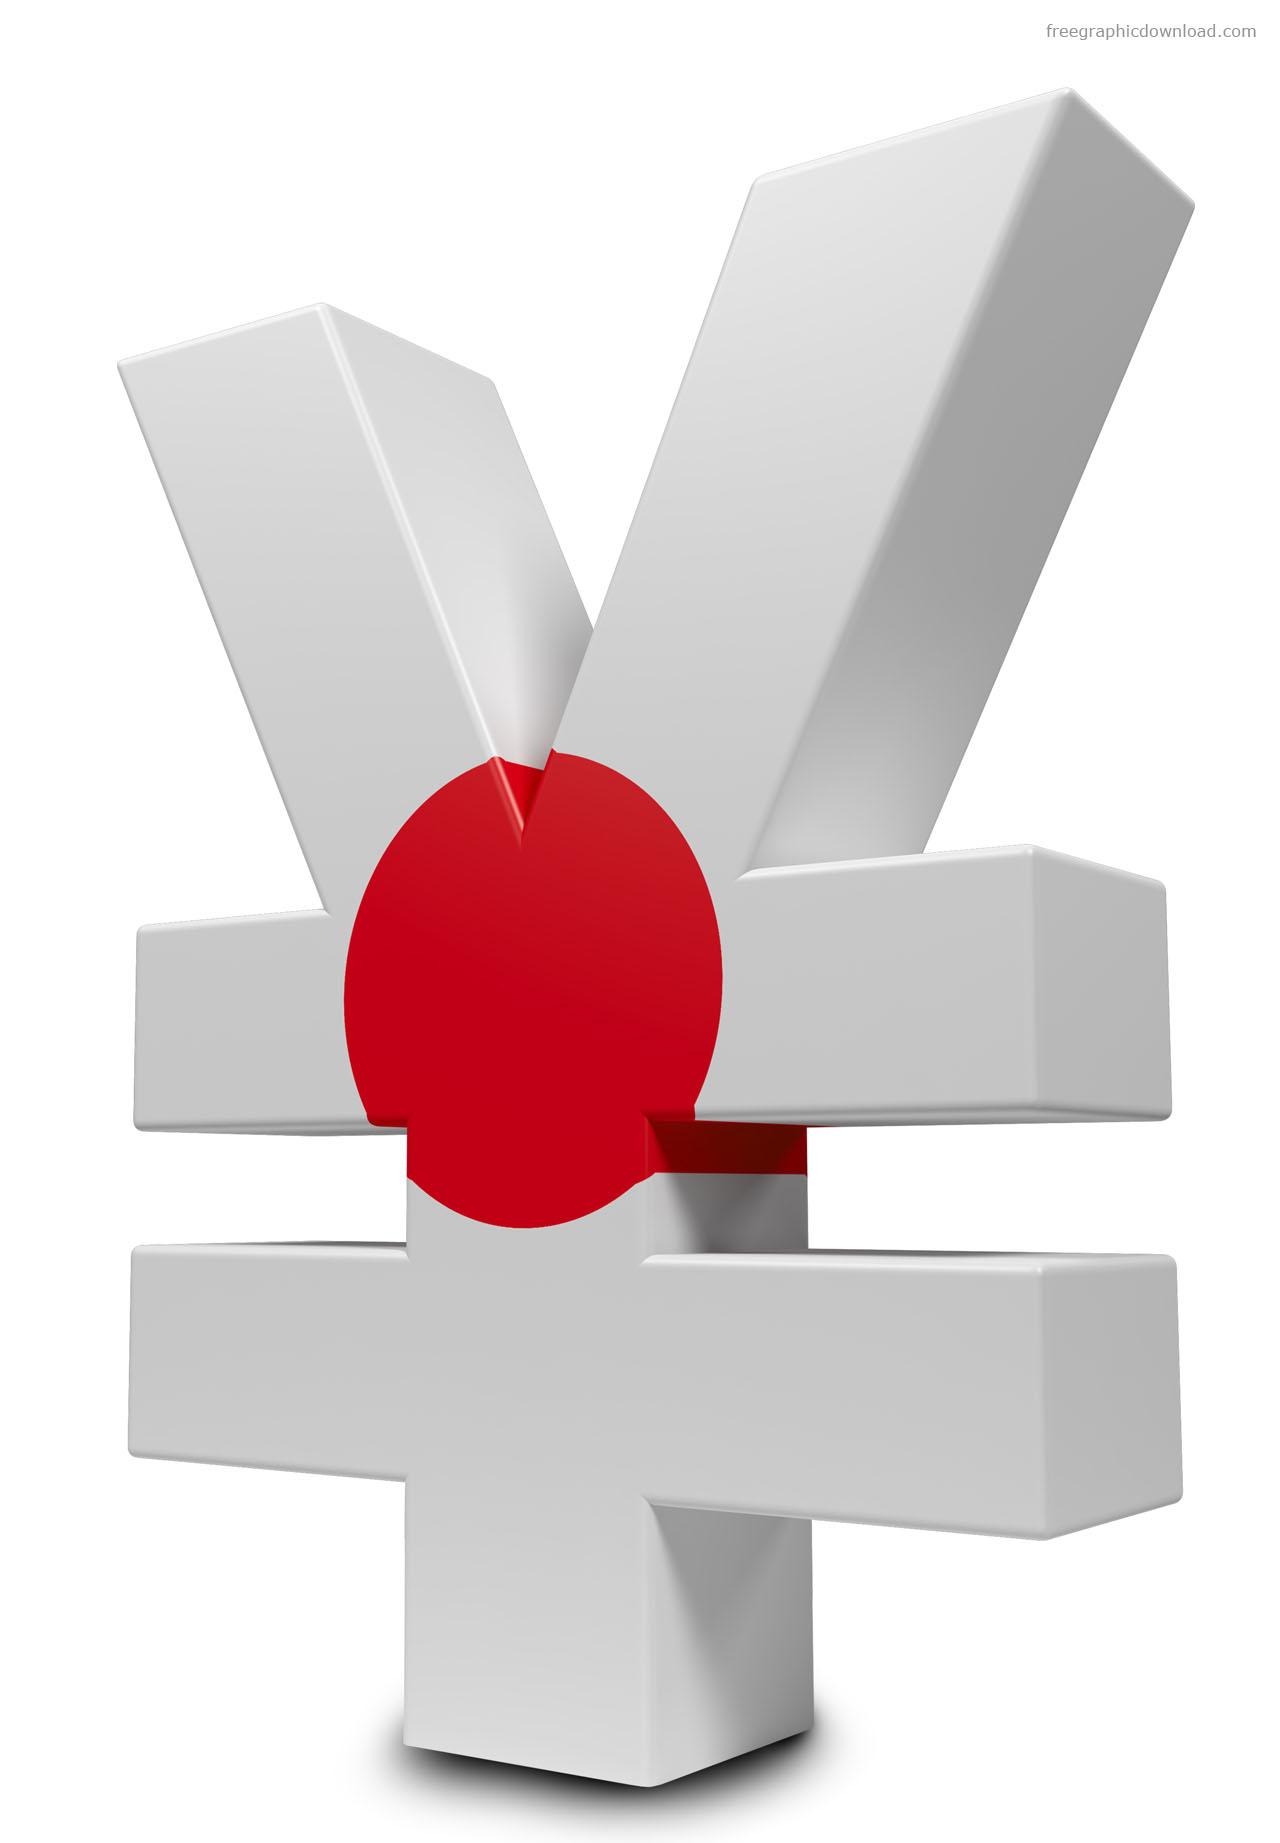 ساتو: من المتوقع أن يسجل الاقتصاد الياباني نموًا متوسطًا